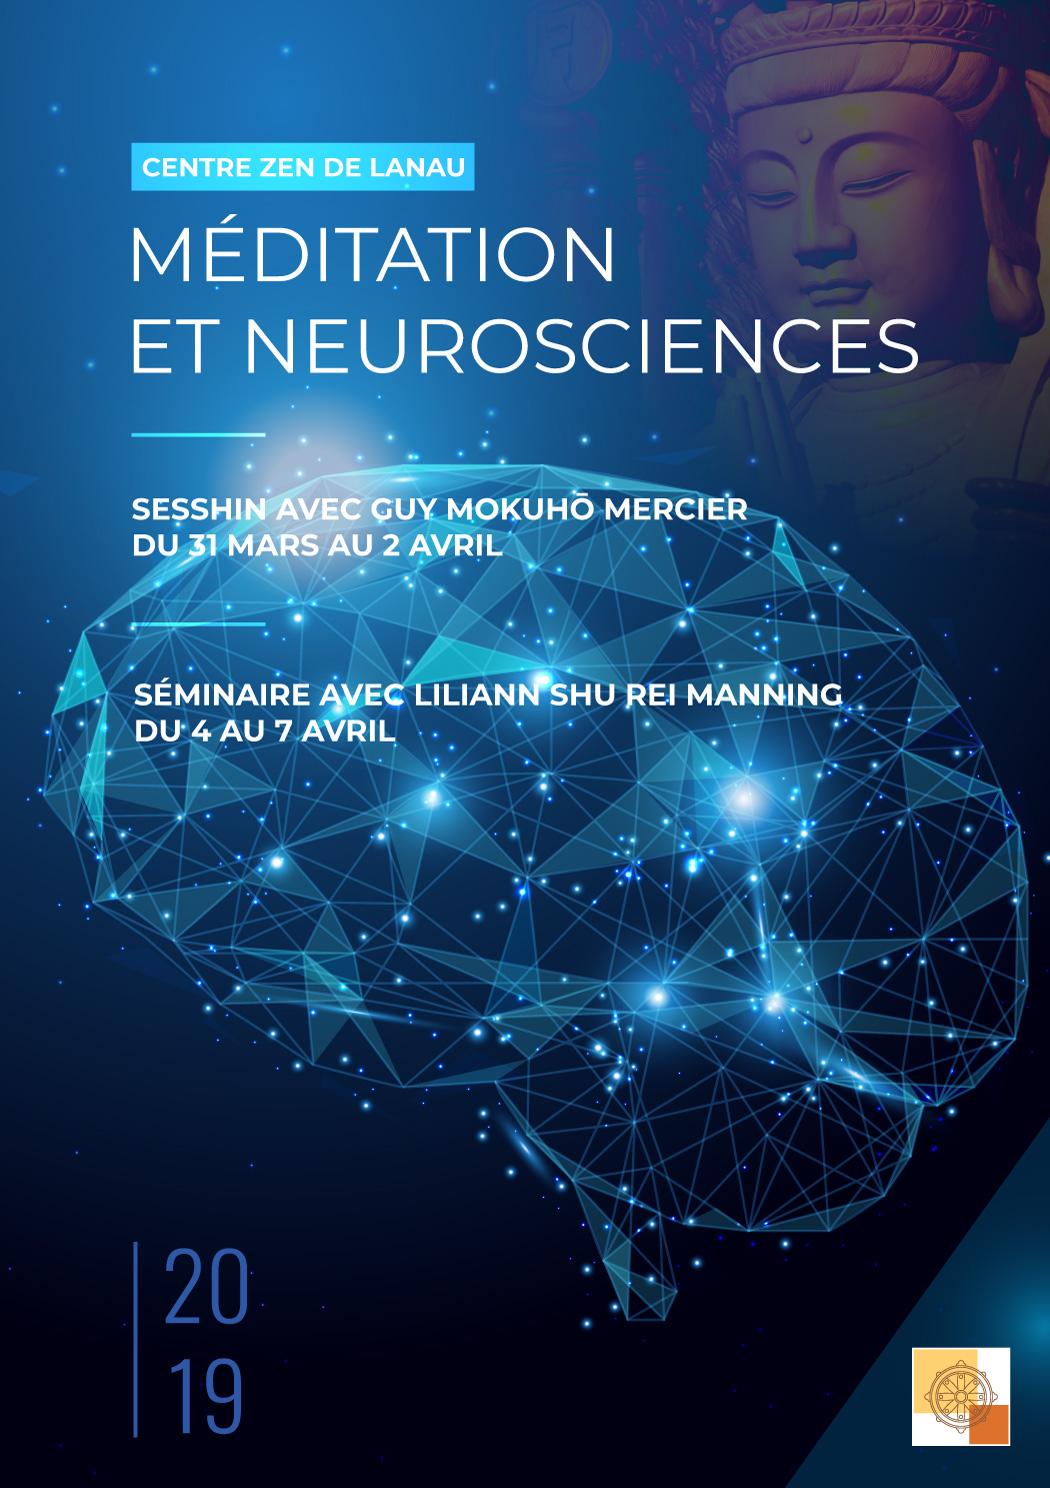 31 mars – 7 avril 2019 – Méditation et neurosciences – Centre Zen Lanau